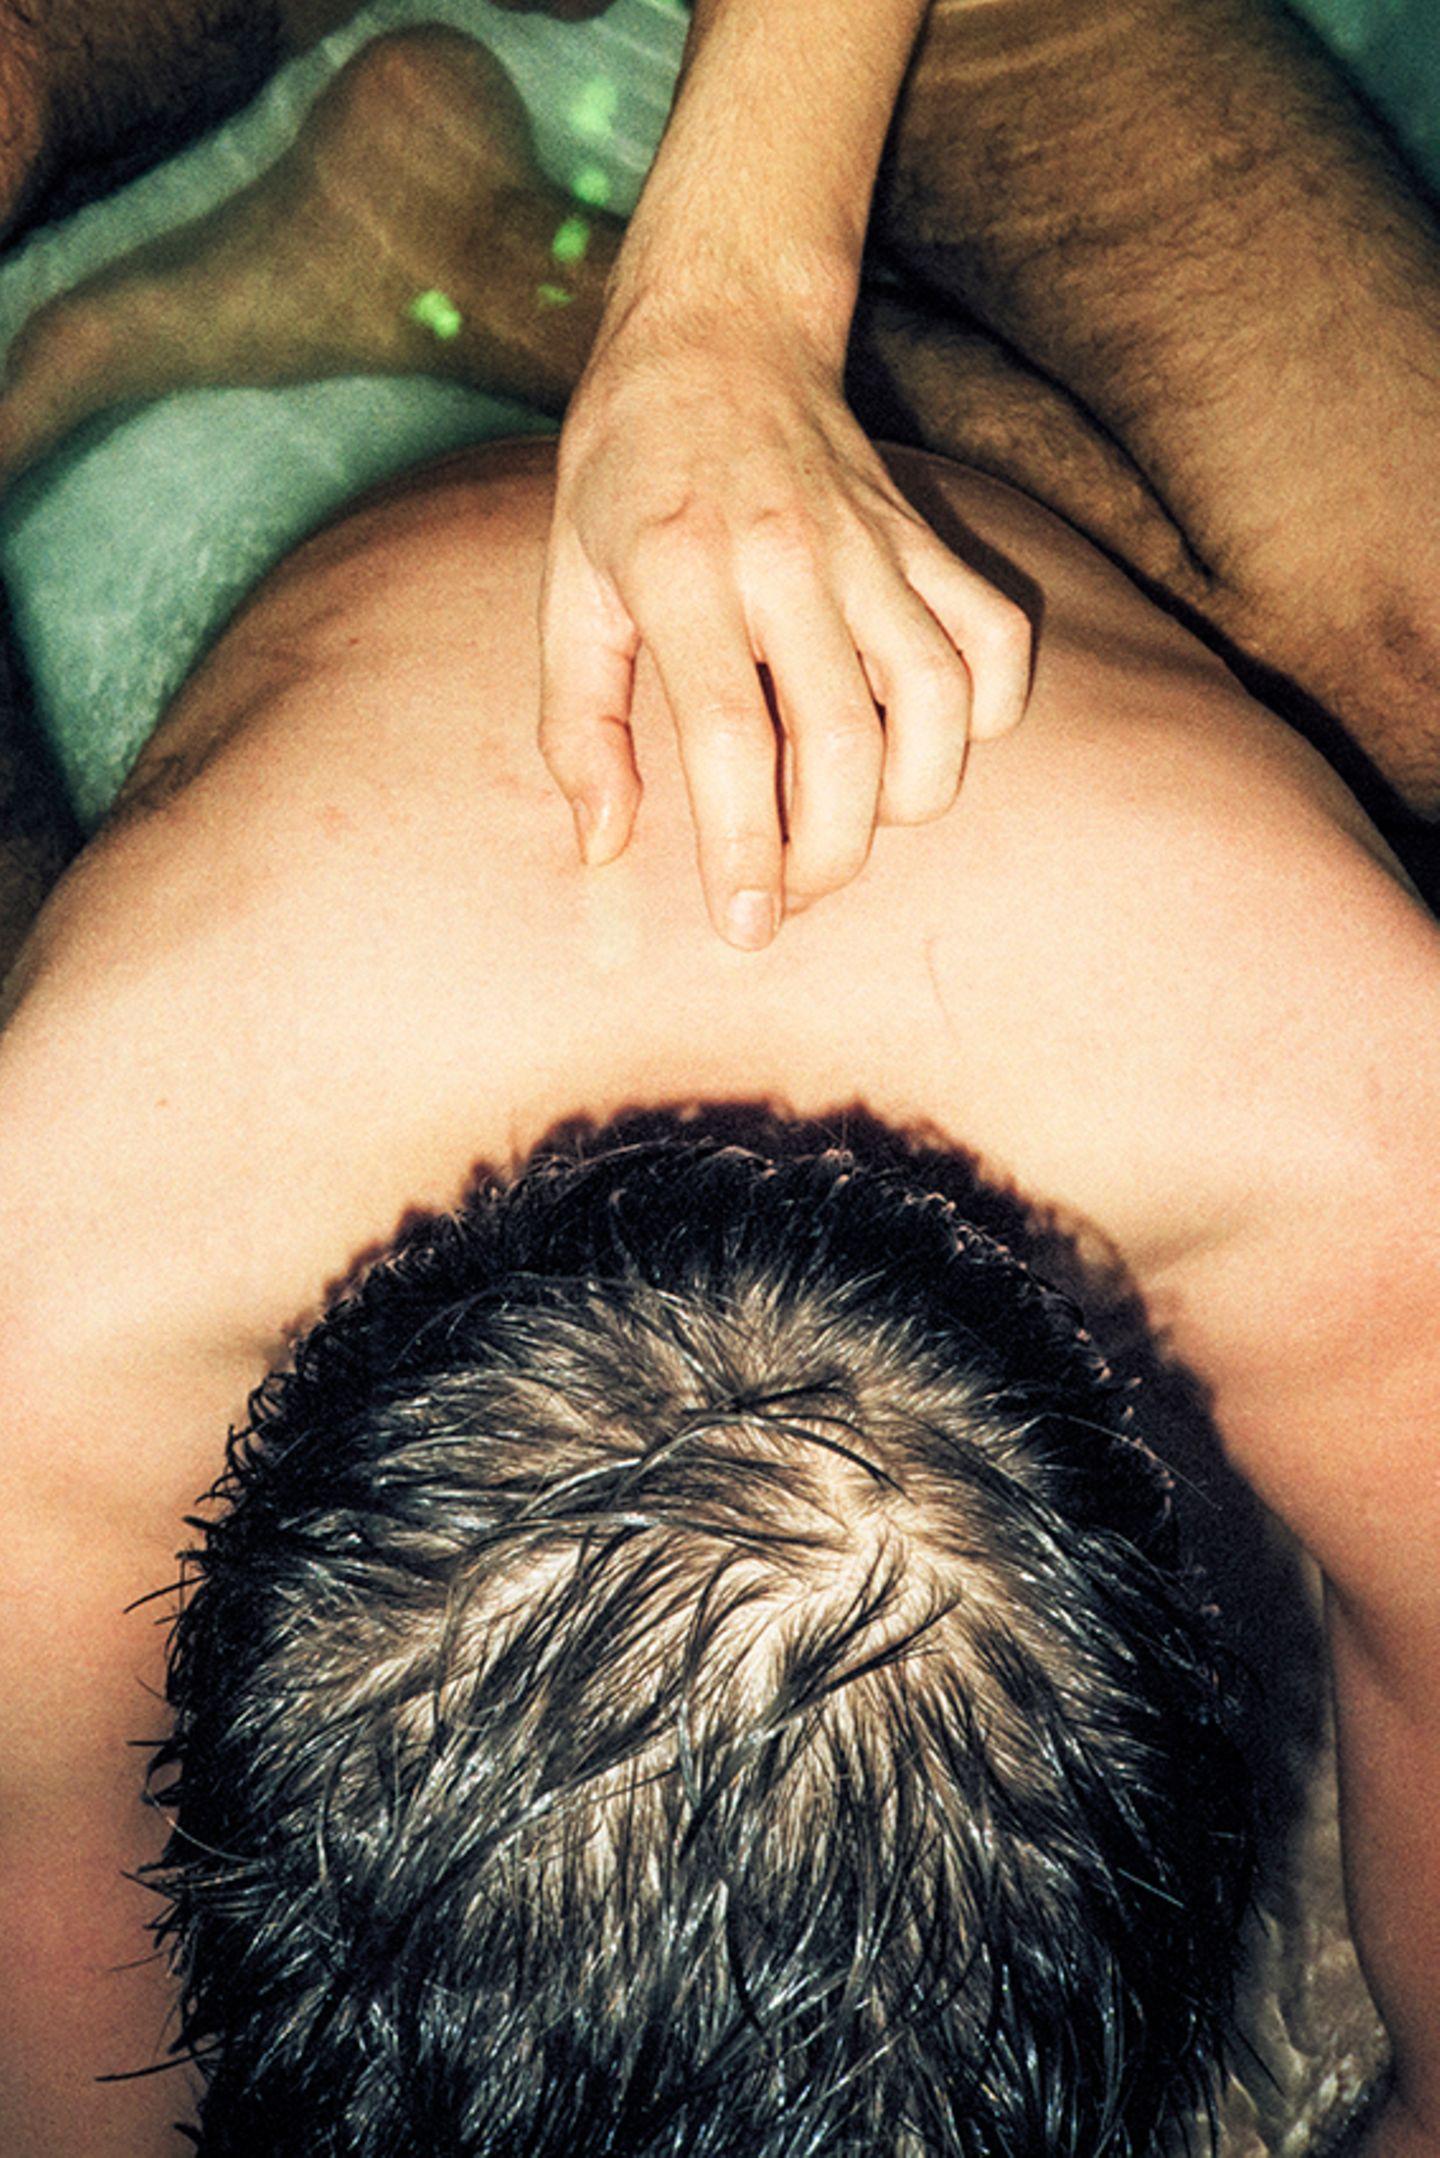 New Queer Photography: Hand am Rücken